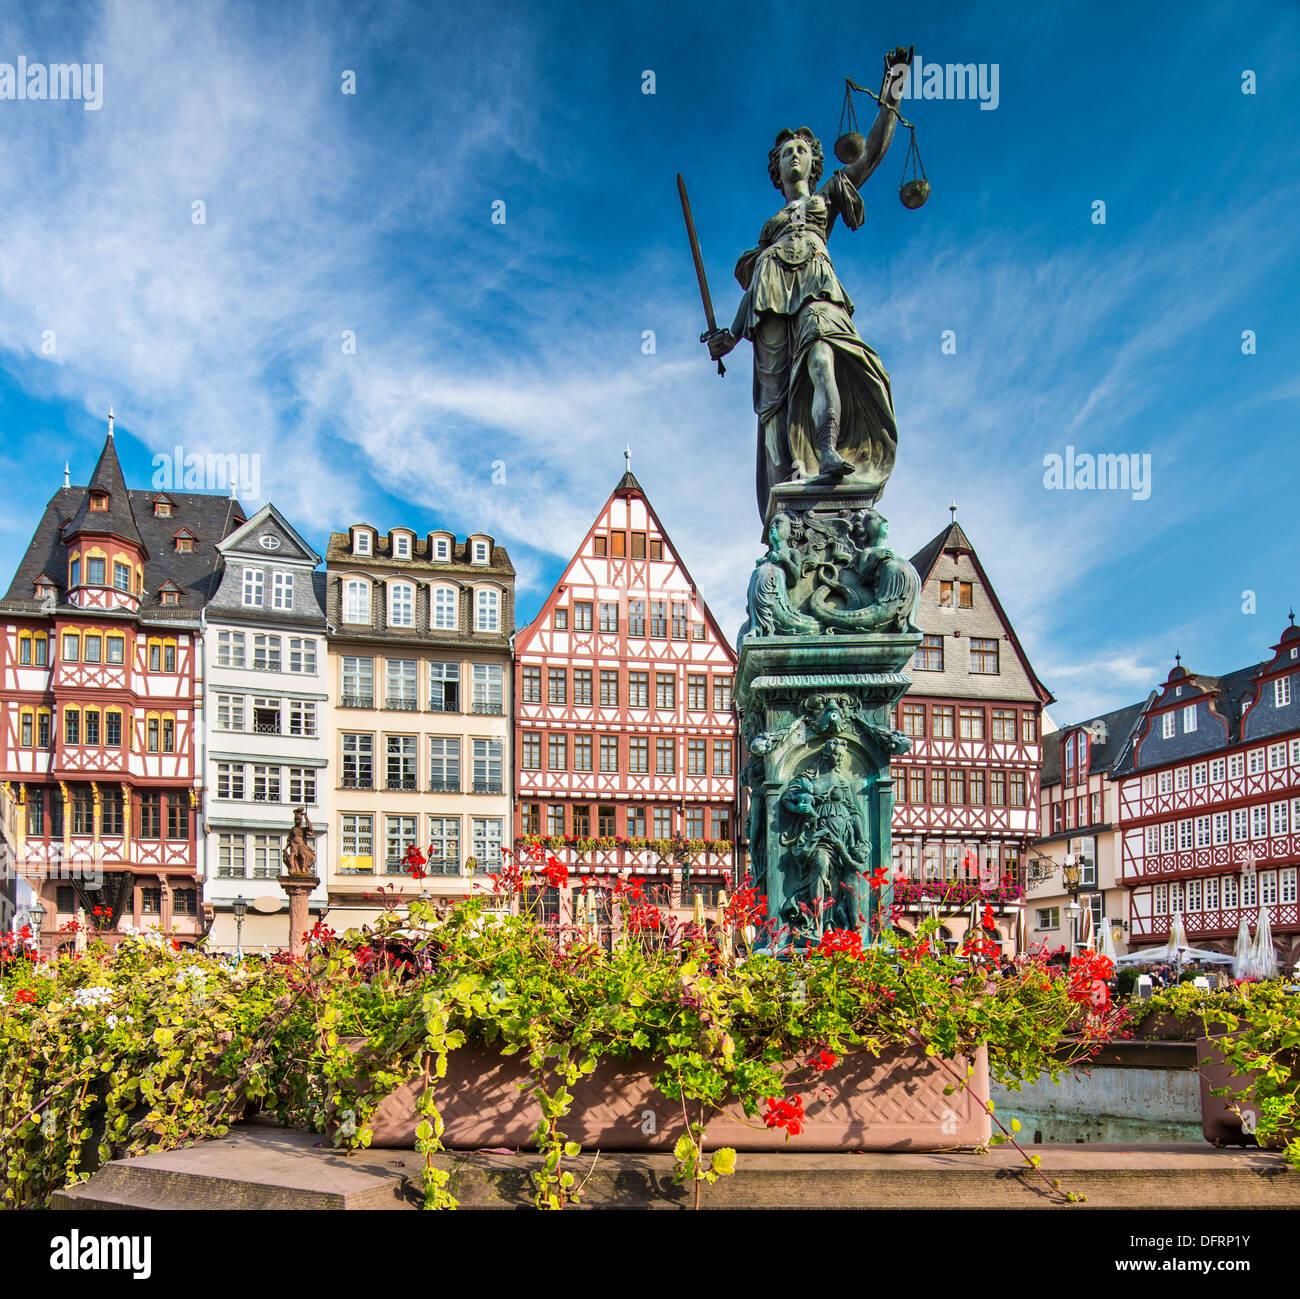 La città vecchia di Francoforte in Germania. Immagini Stock